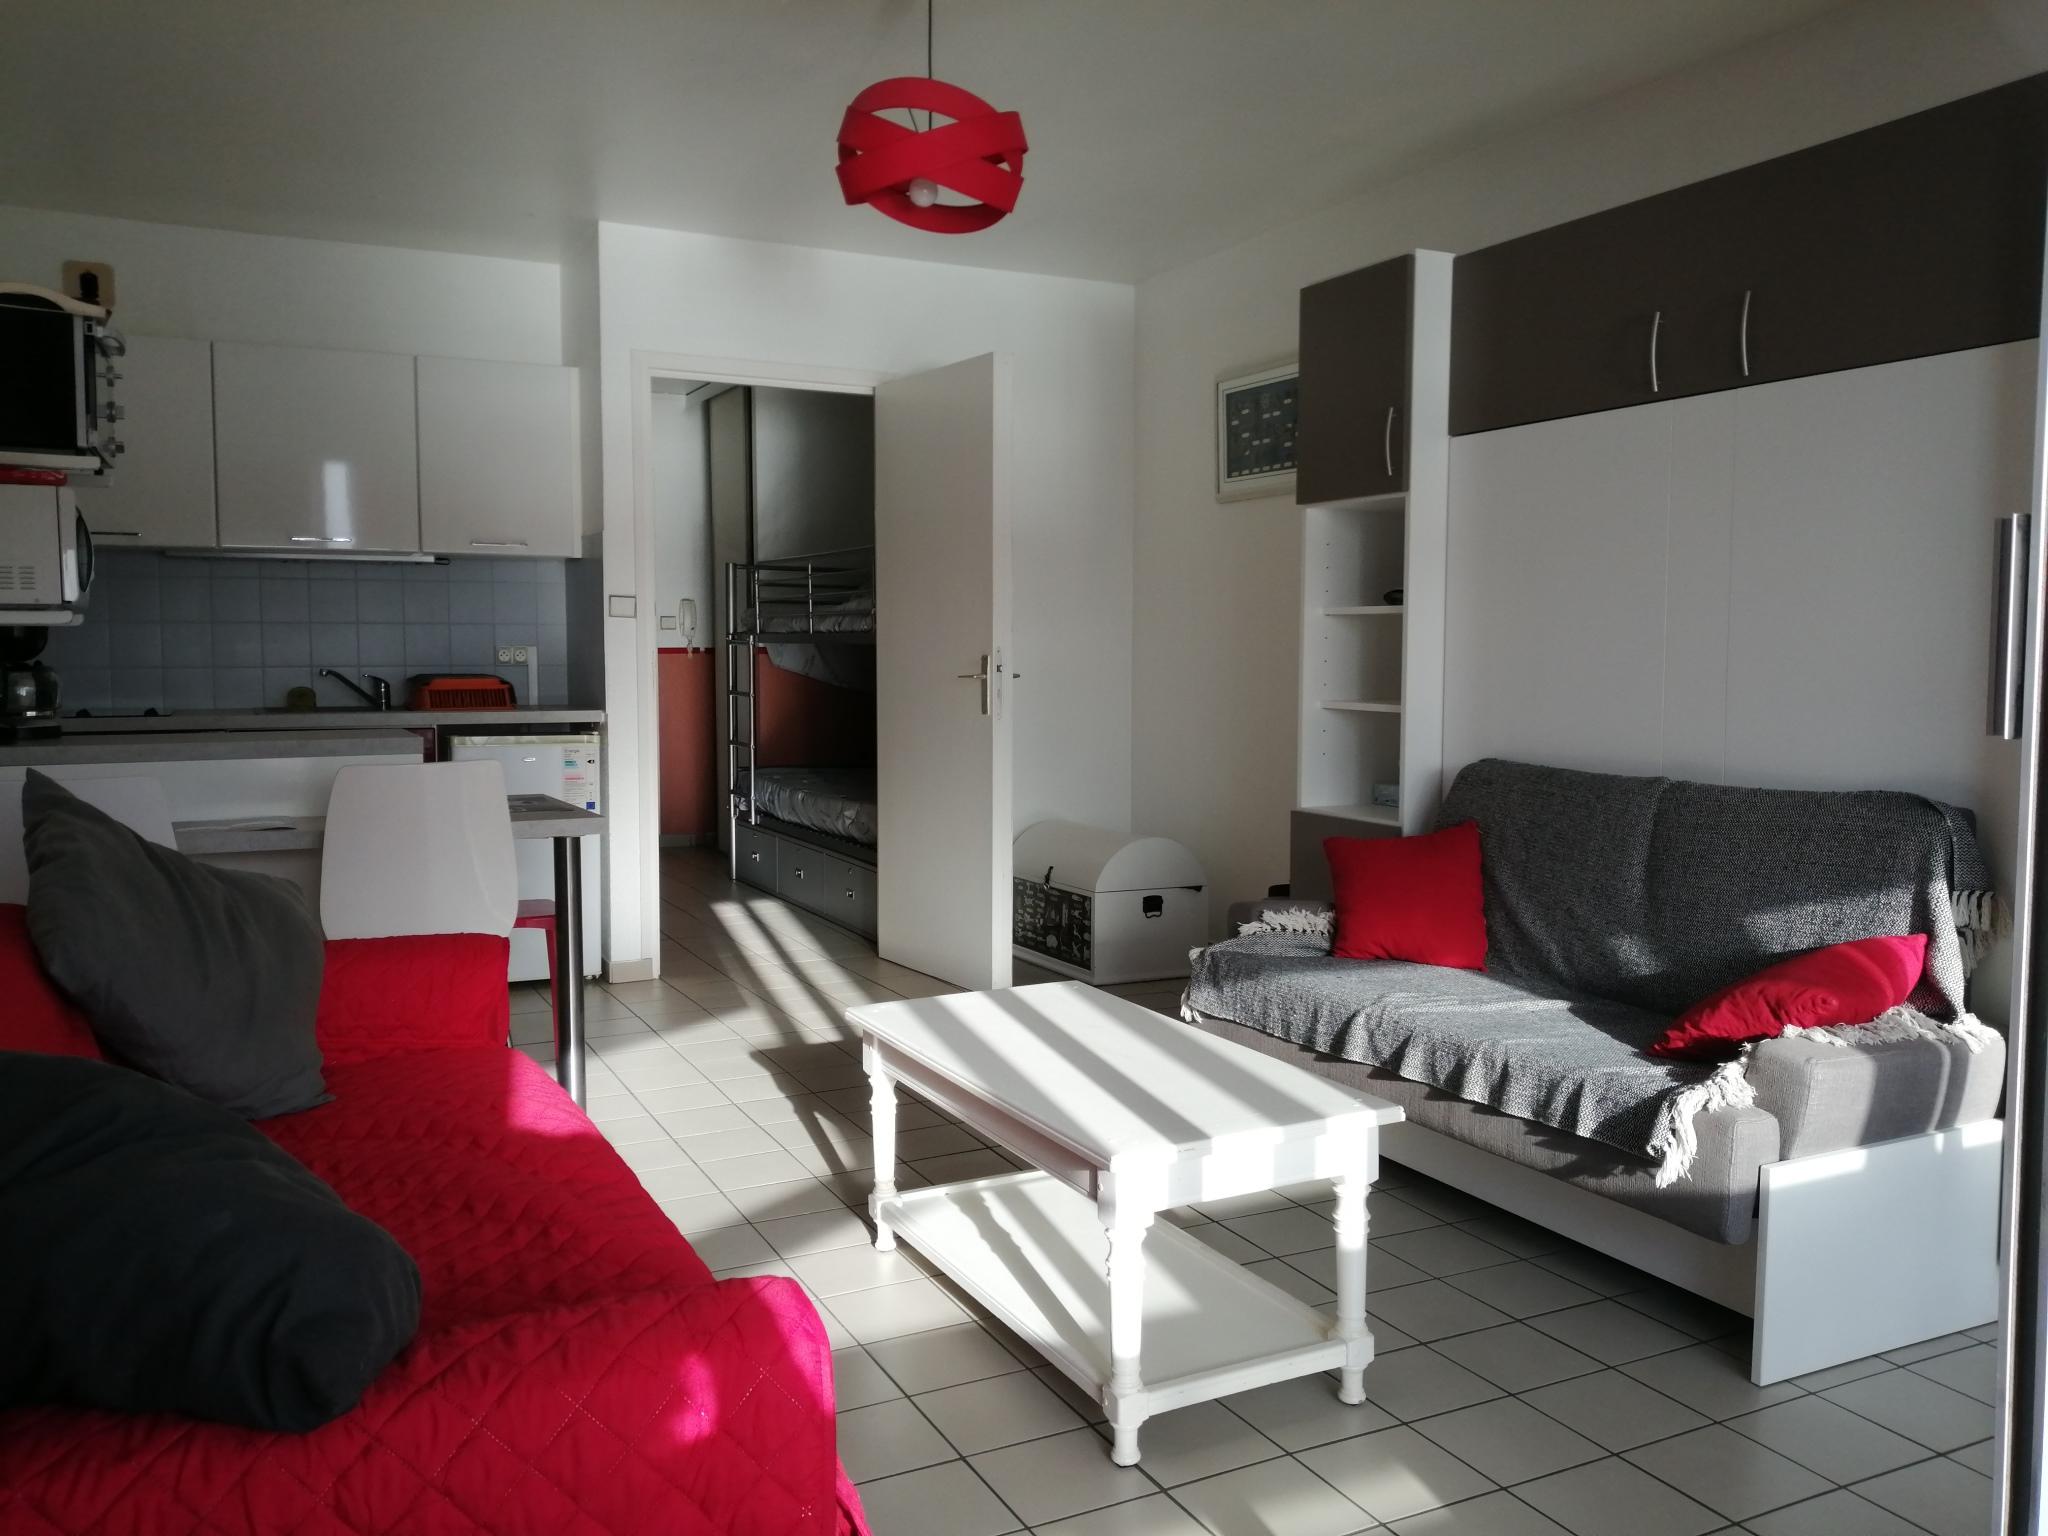 location appartement 4personnes 35m saint gilles croix de vie vrignaud biron